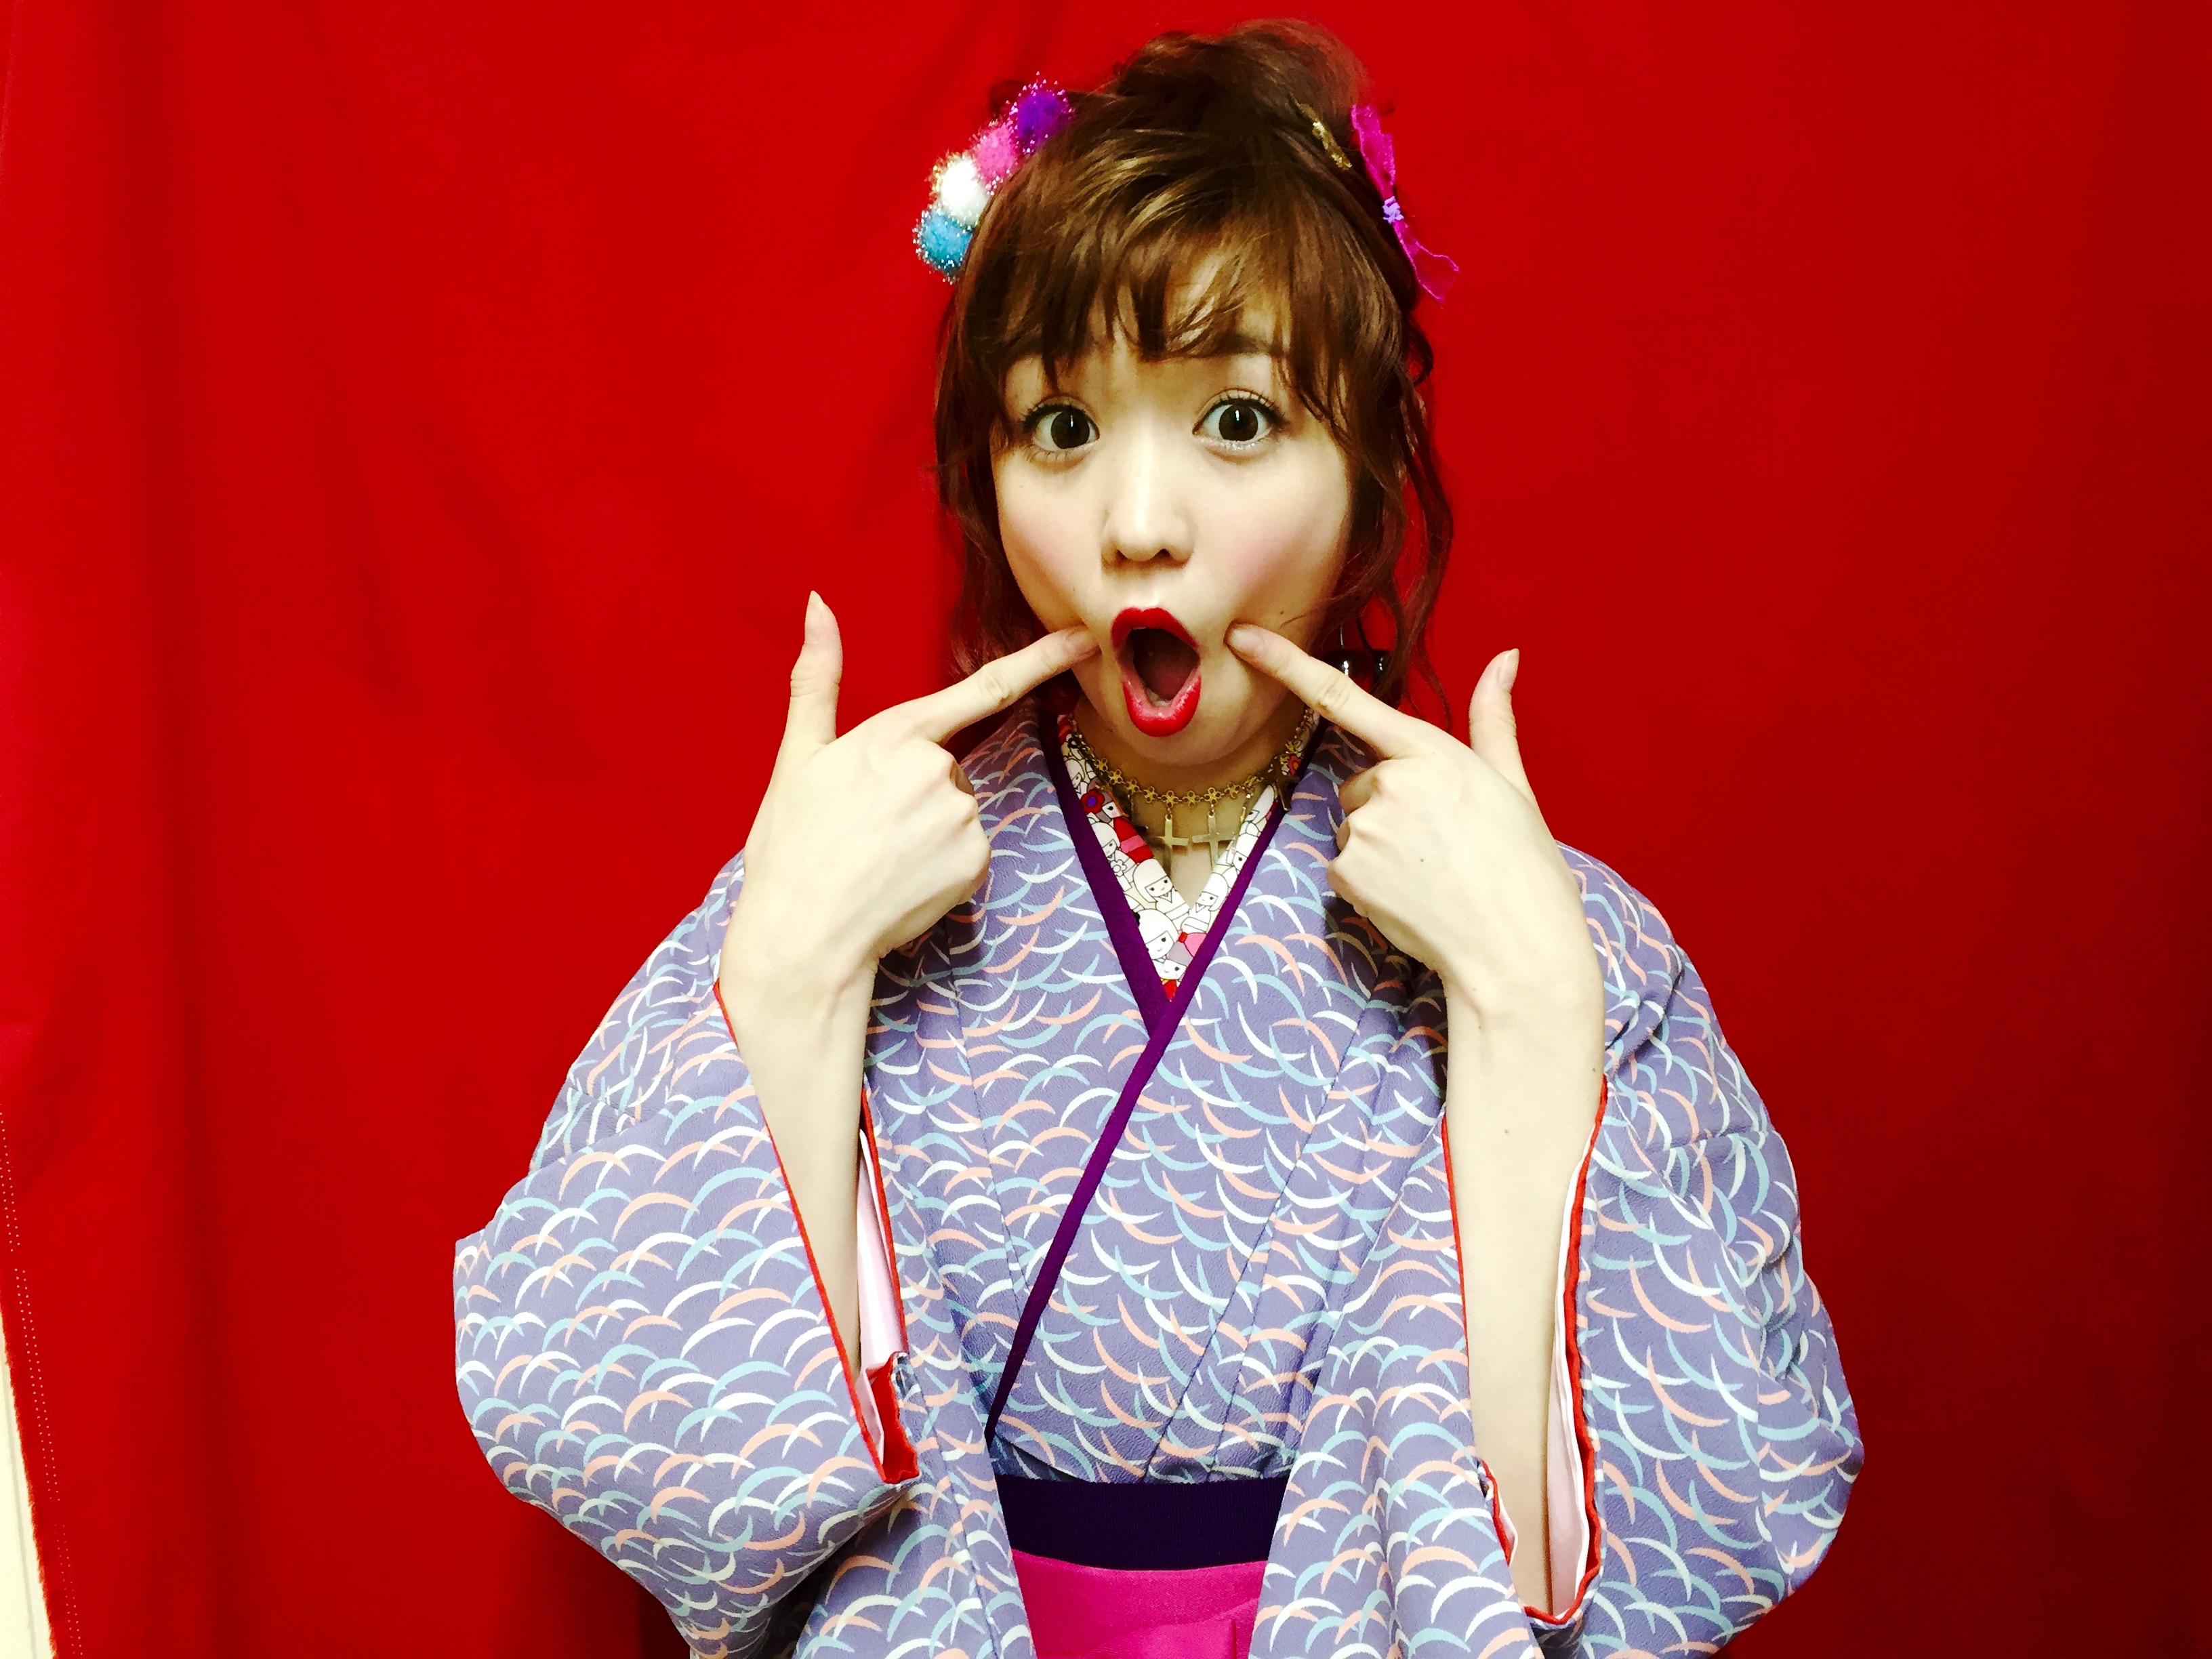 袴に合わせたい和装に合うメイクとは?セルフで簡単華やかなメイク術のサムネイル画像